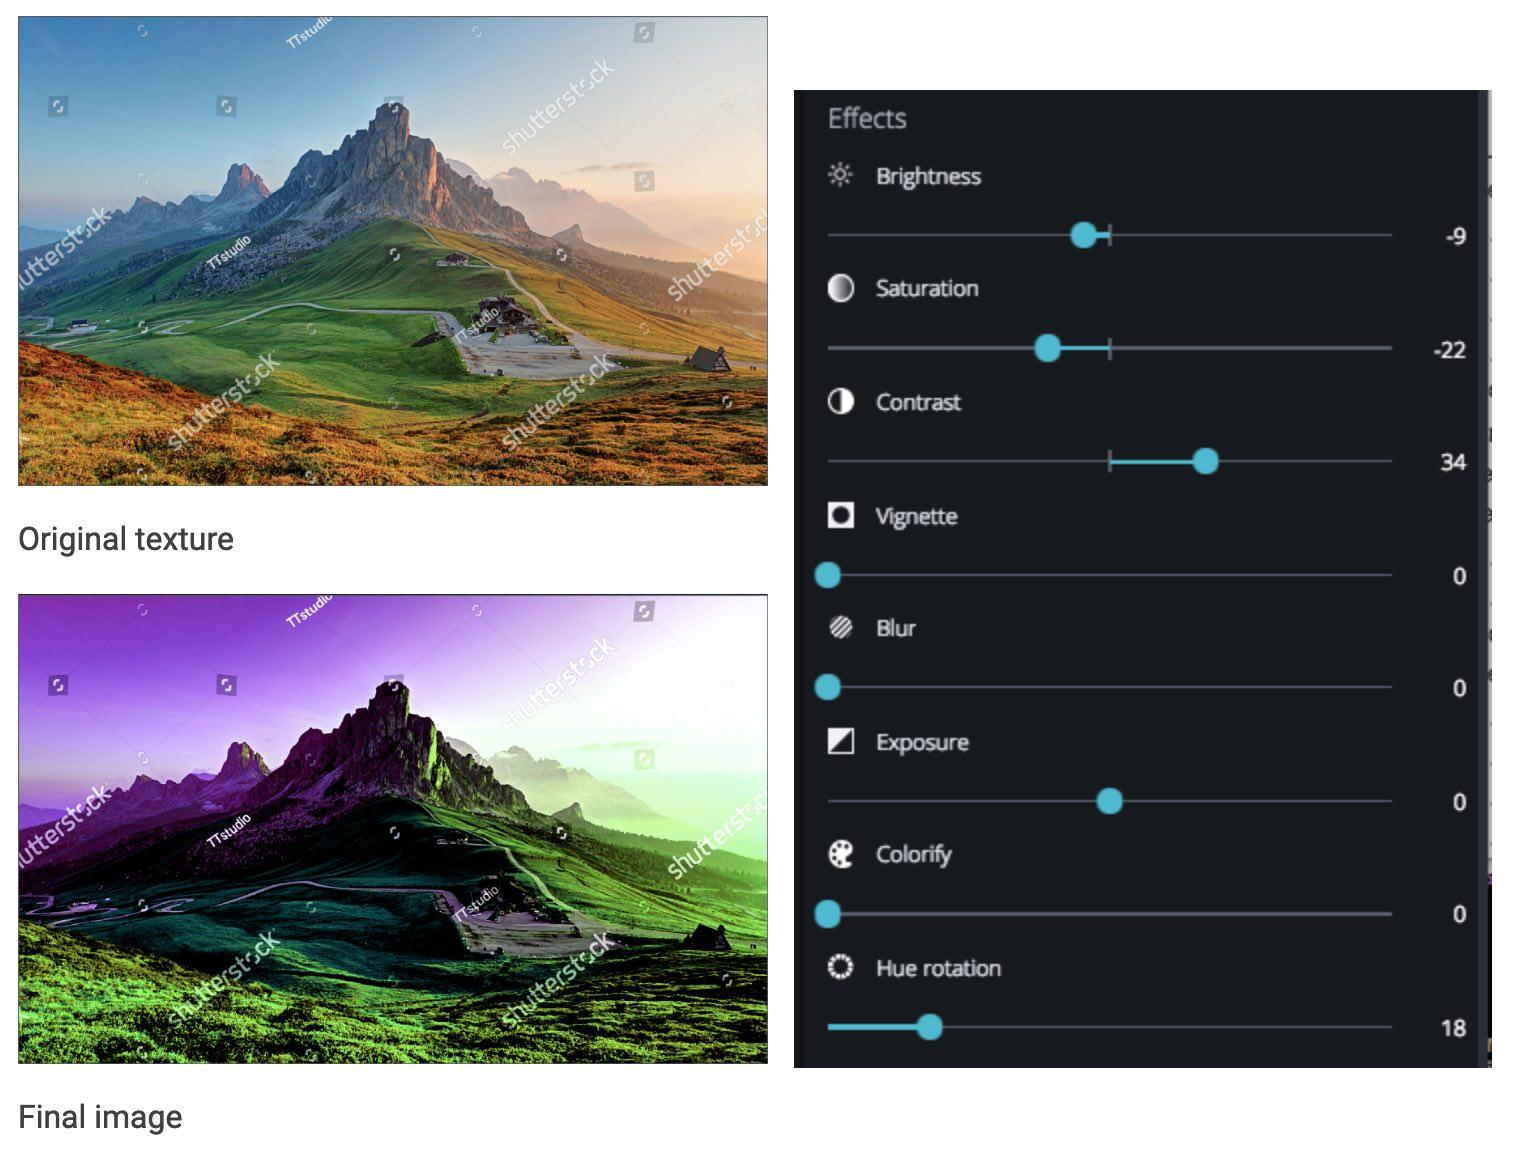 Canvas and WebGL Filtering 101